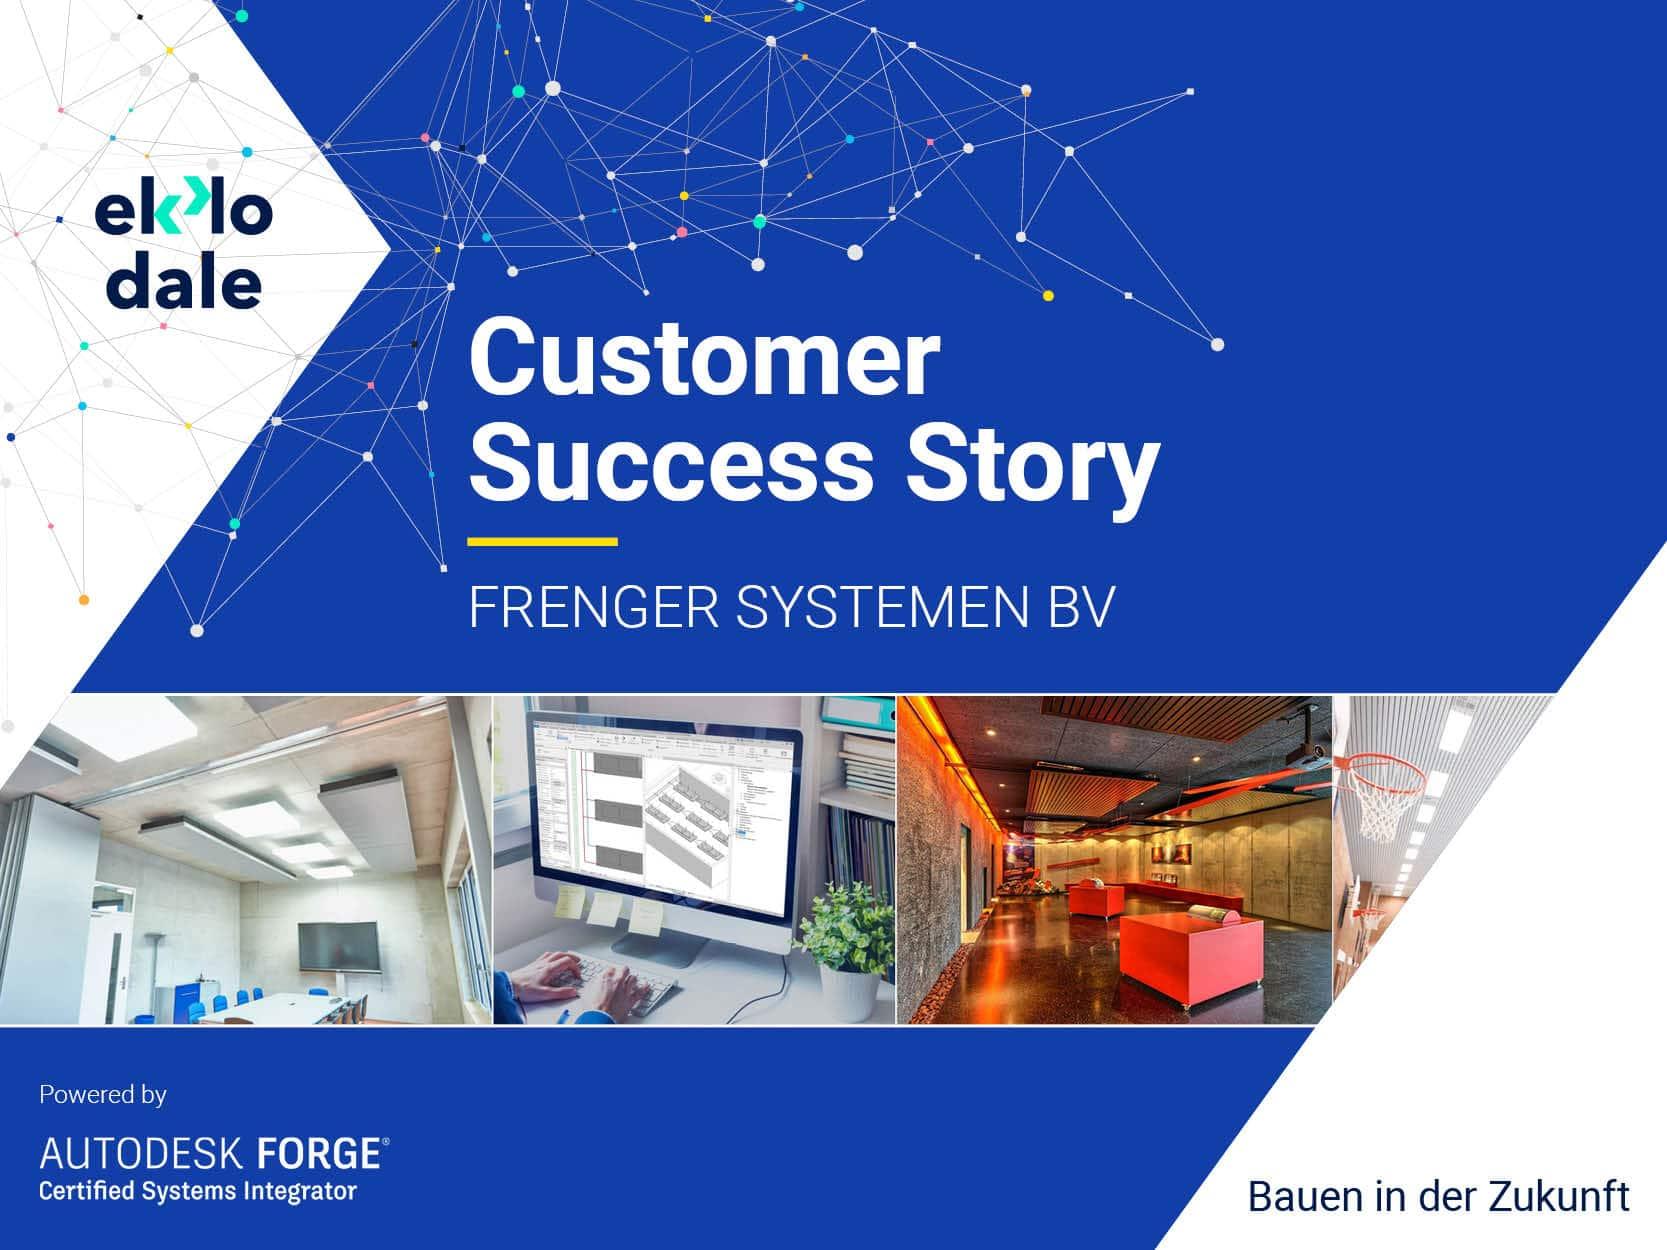 Customer Success Story - Frenger Systemen BV Heiz und Kühltechnik GmbB - Frenger BIM-Konfigurator in Verbindung mit Autodesk Forge Technologie